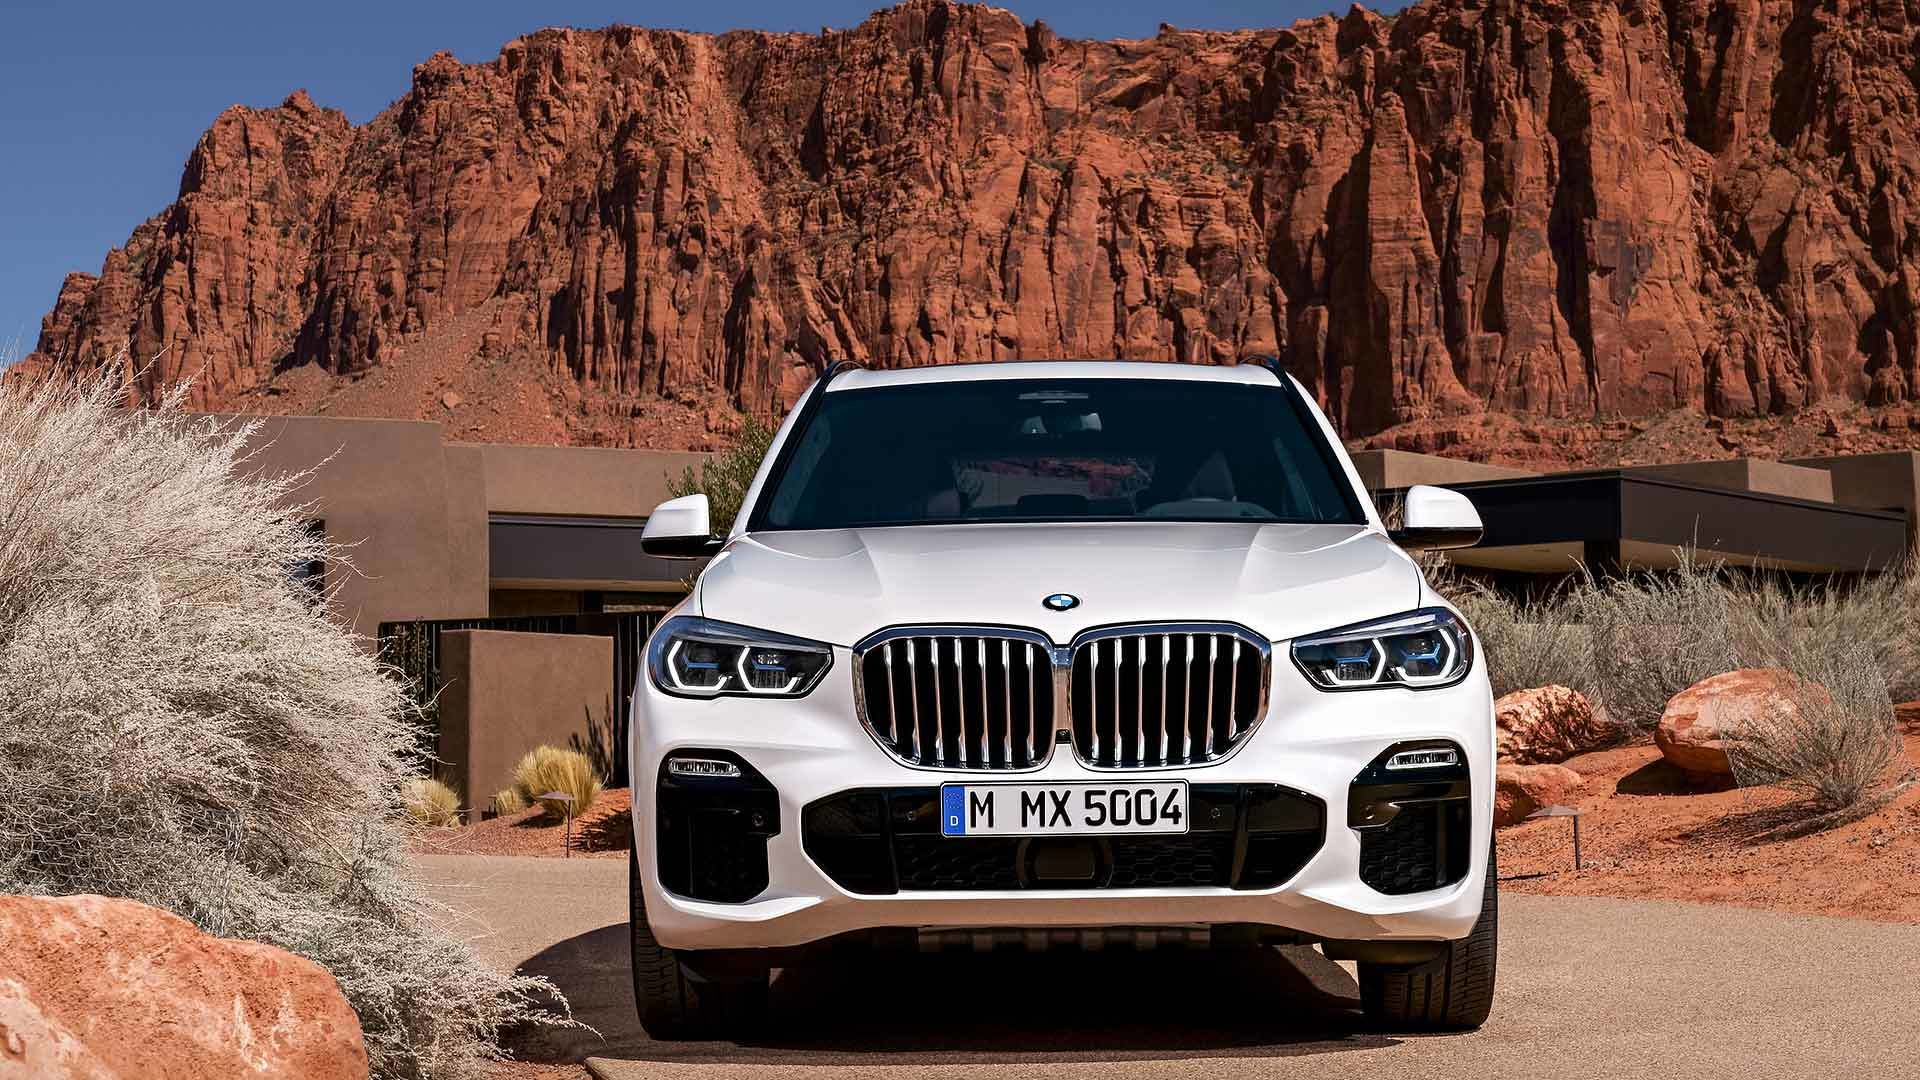 For BMW E46 E83 E53 Auto Tran A5S 360R//390R Hex Head Transmission Fill Plug